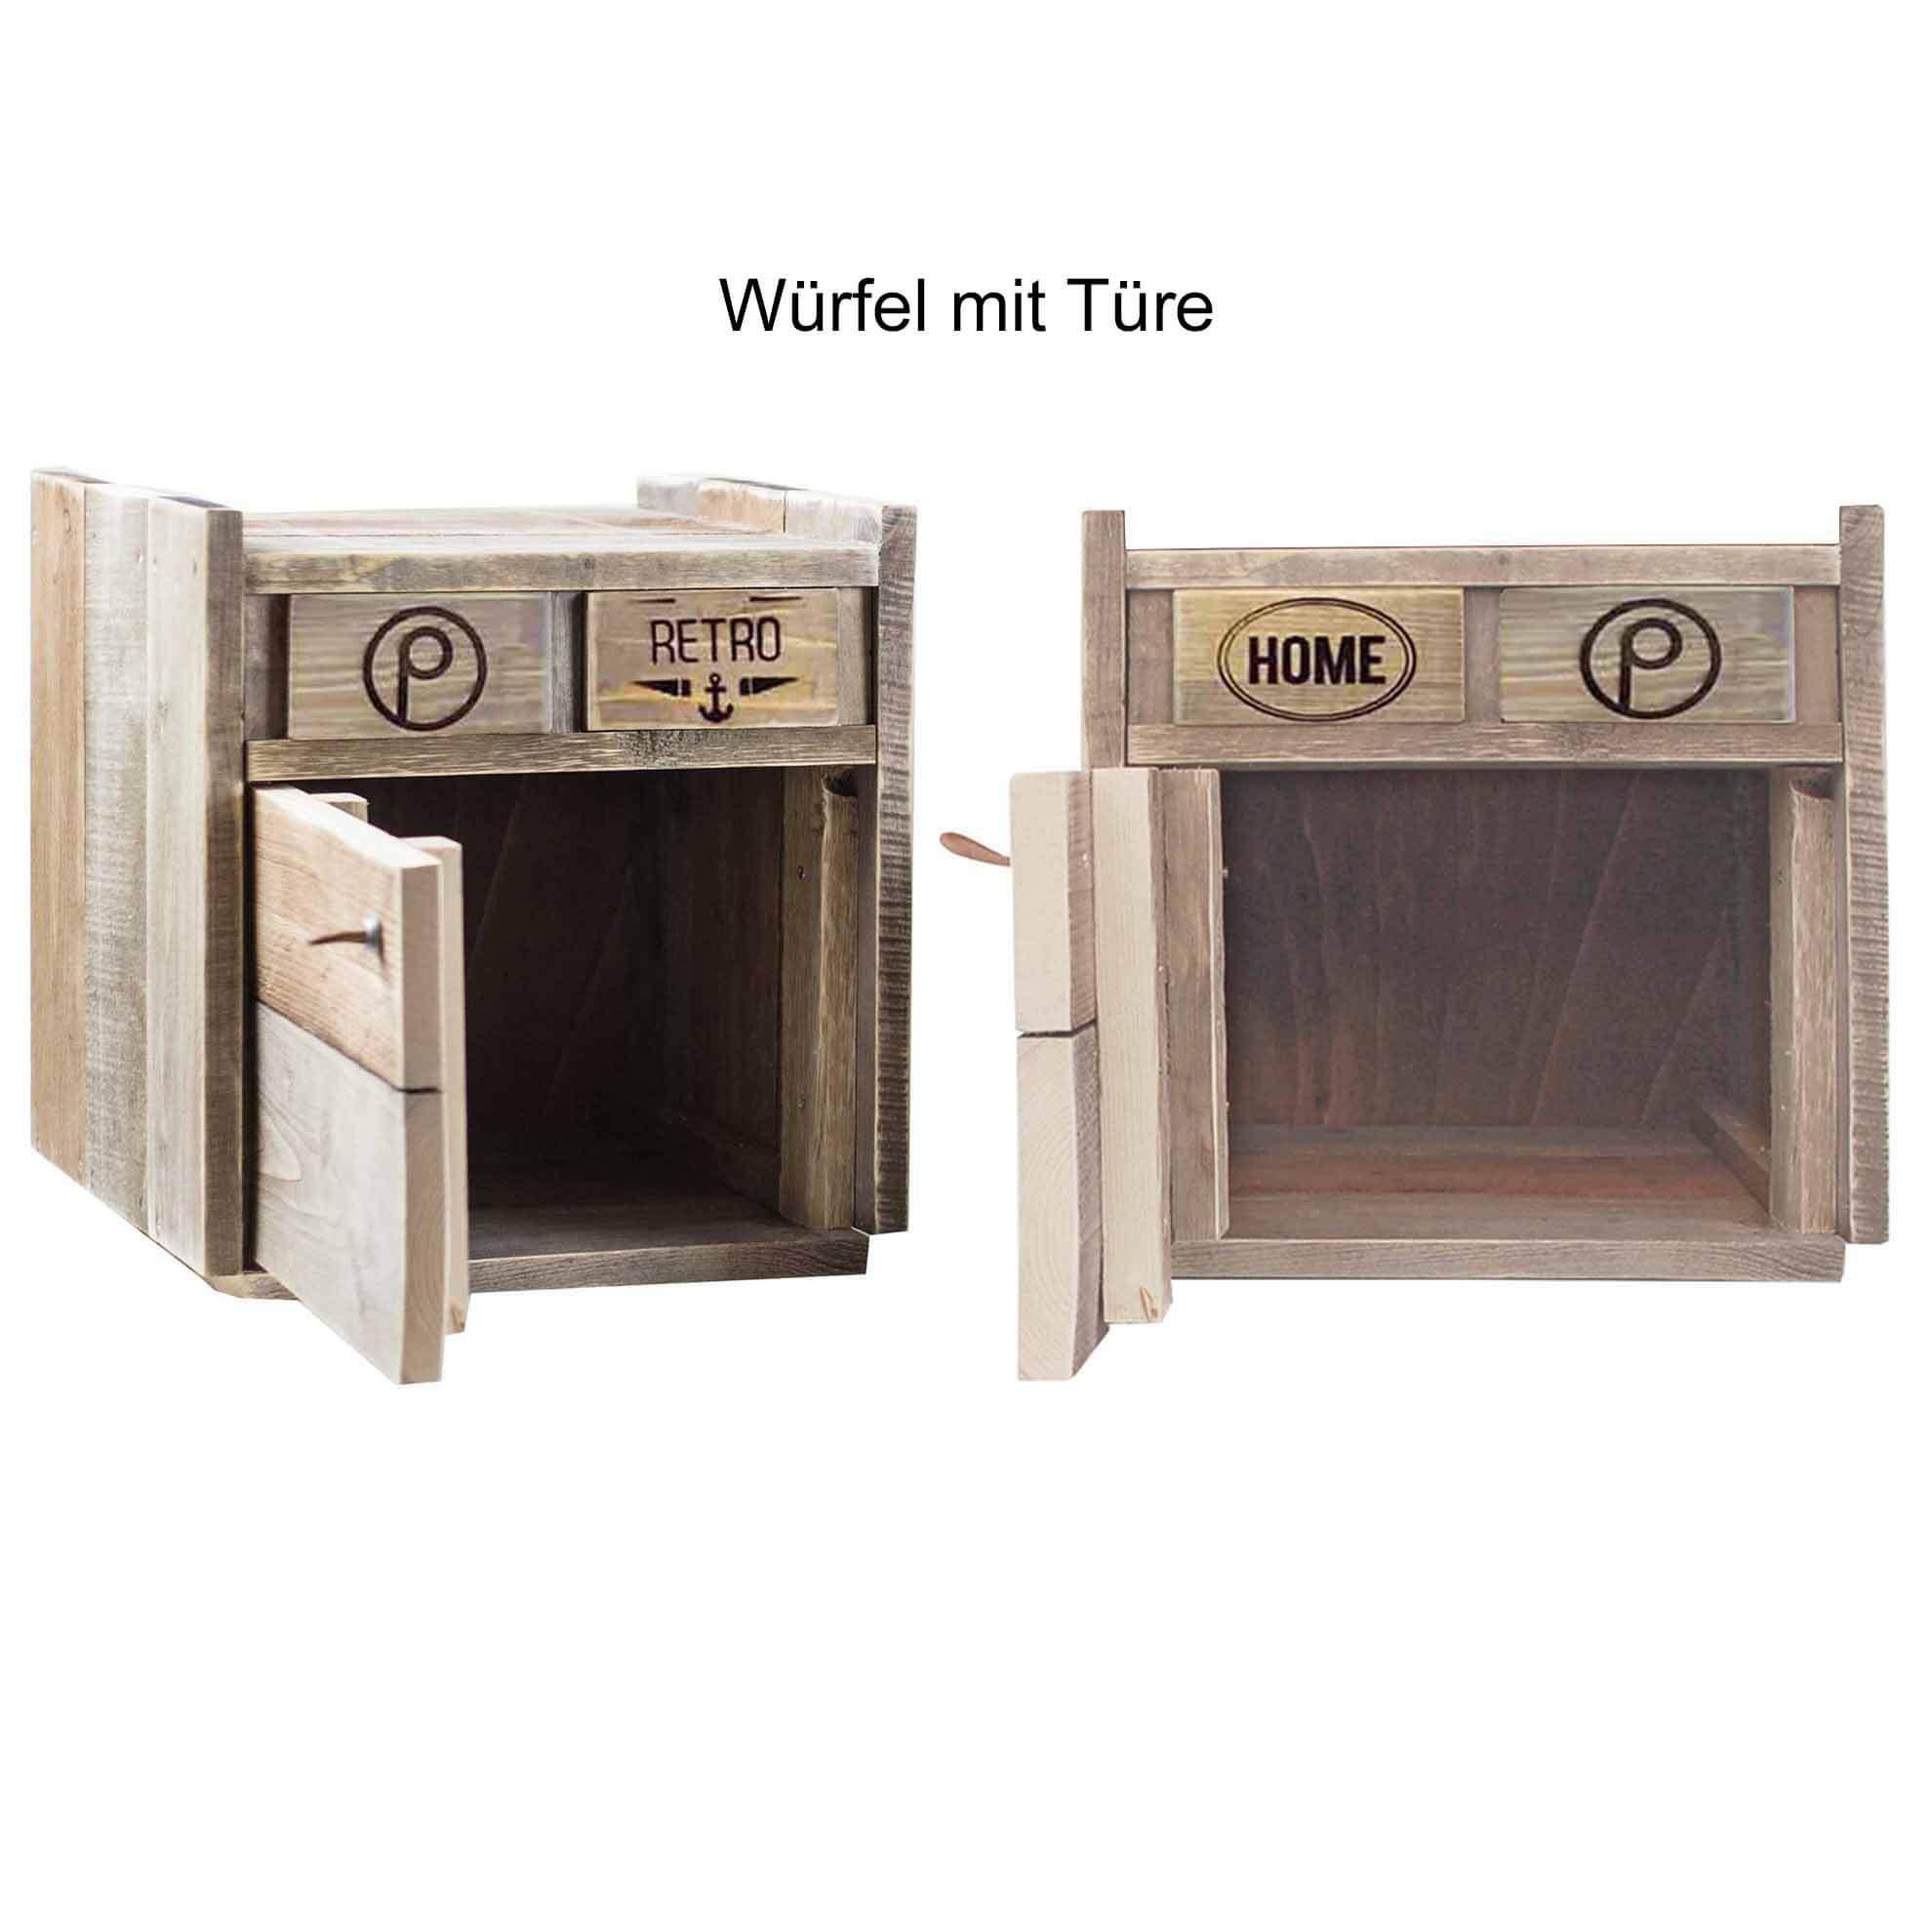 paletten kommoden w rfel mit t r palettenm bel shop. Black Bedroom Furniture Sets. Home Design Ideas